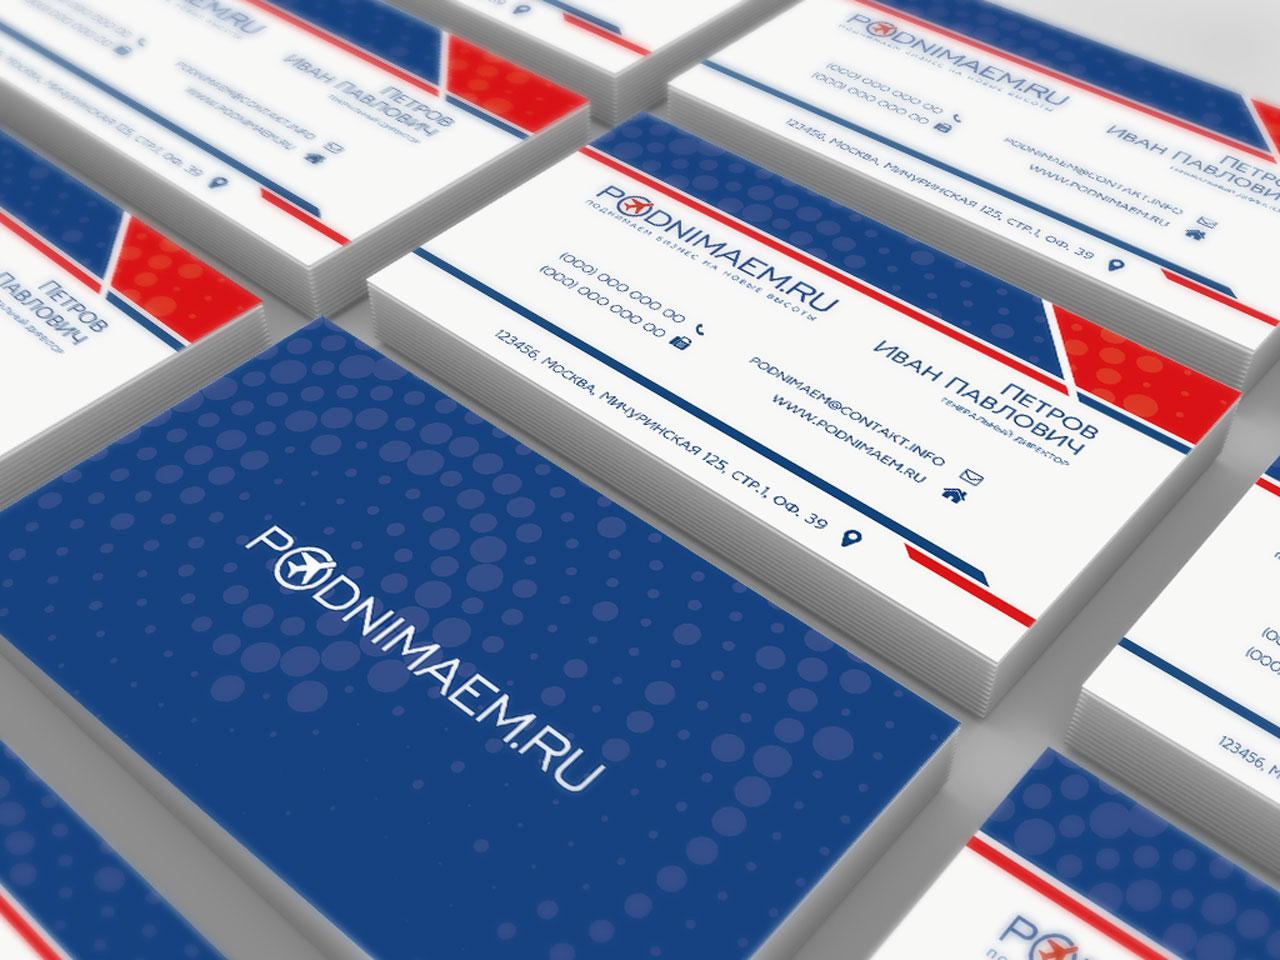 Разработать логотип + визитку + логотип для печати ООО +++ фото f_868554b2b73f3017.jpg